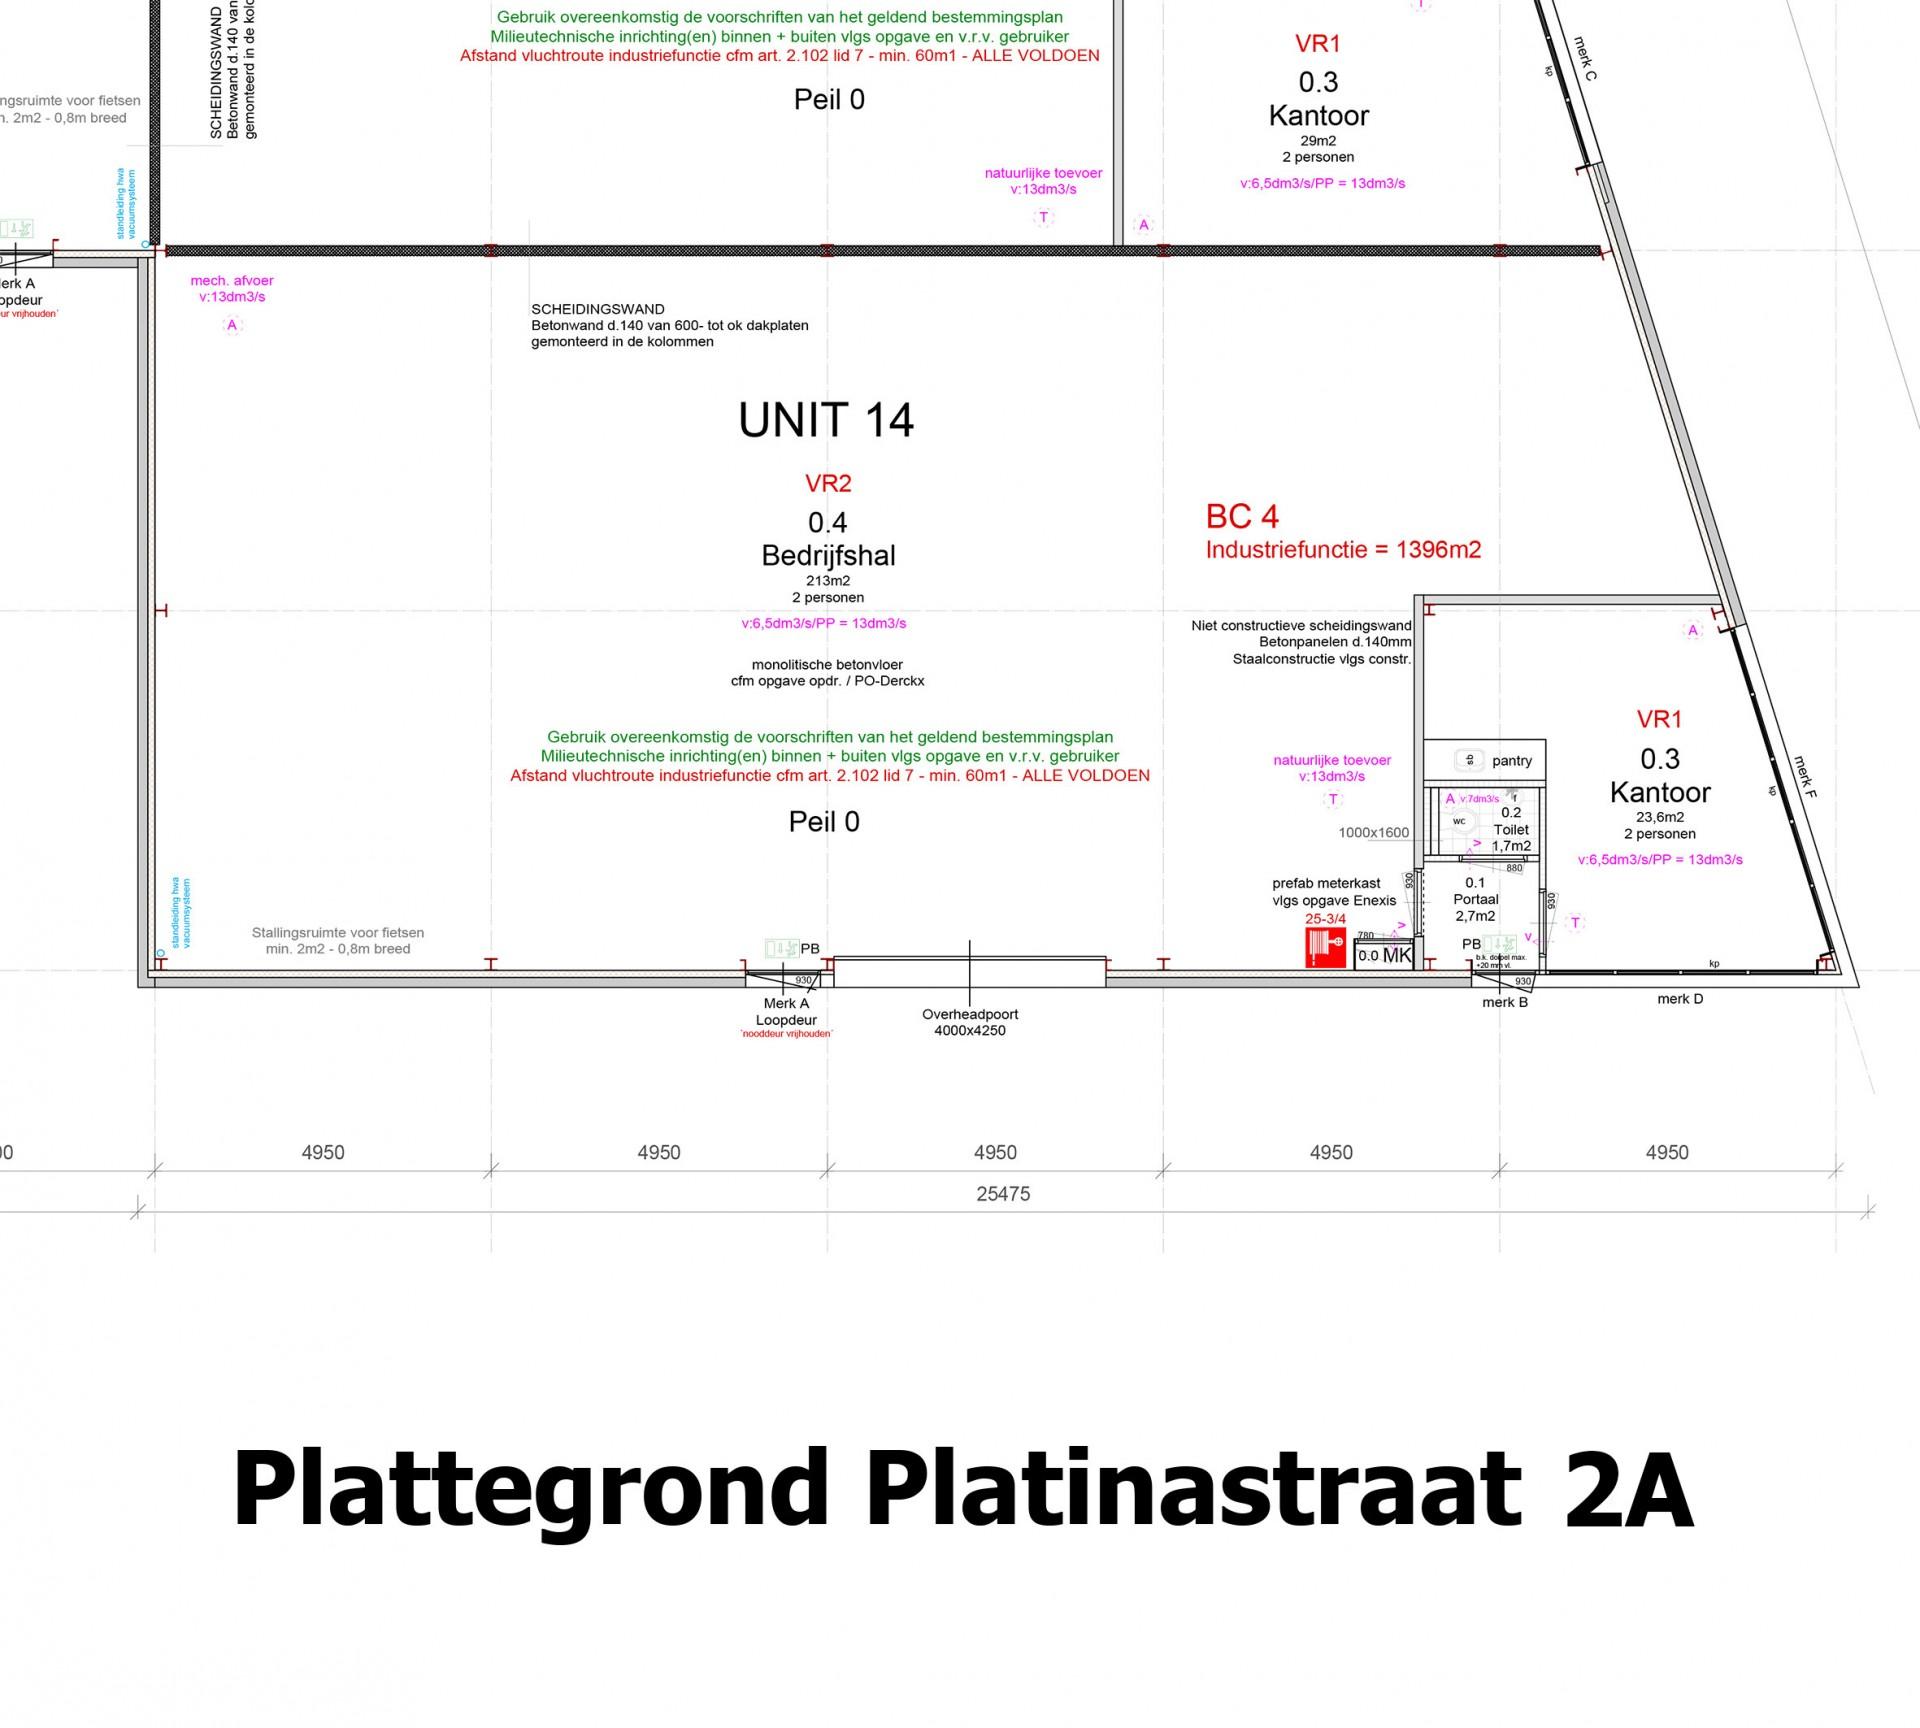 Plattegrond Platinastraat 2 A